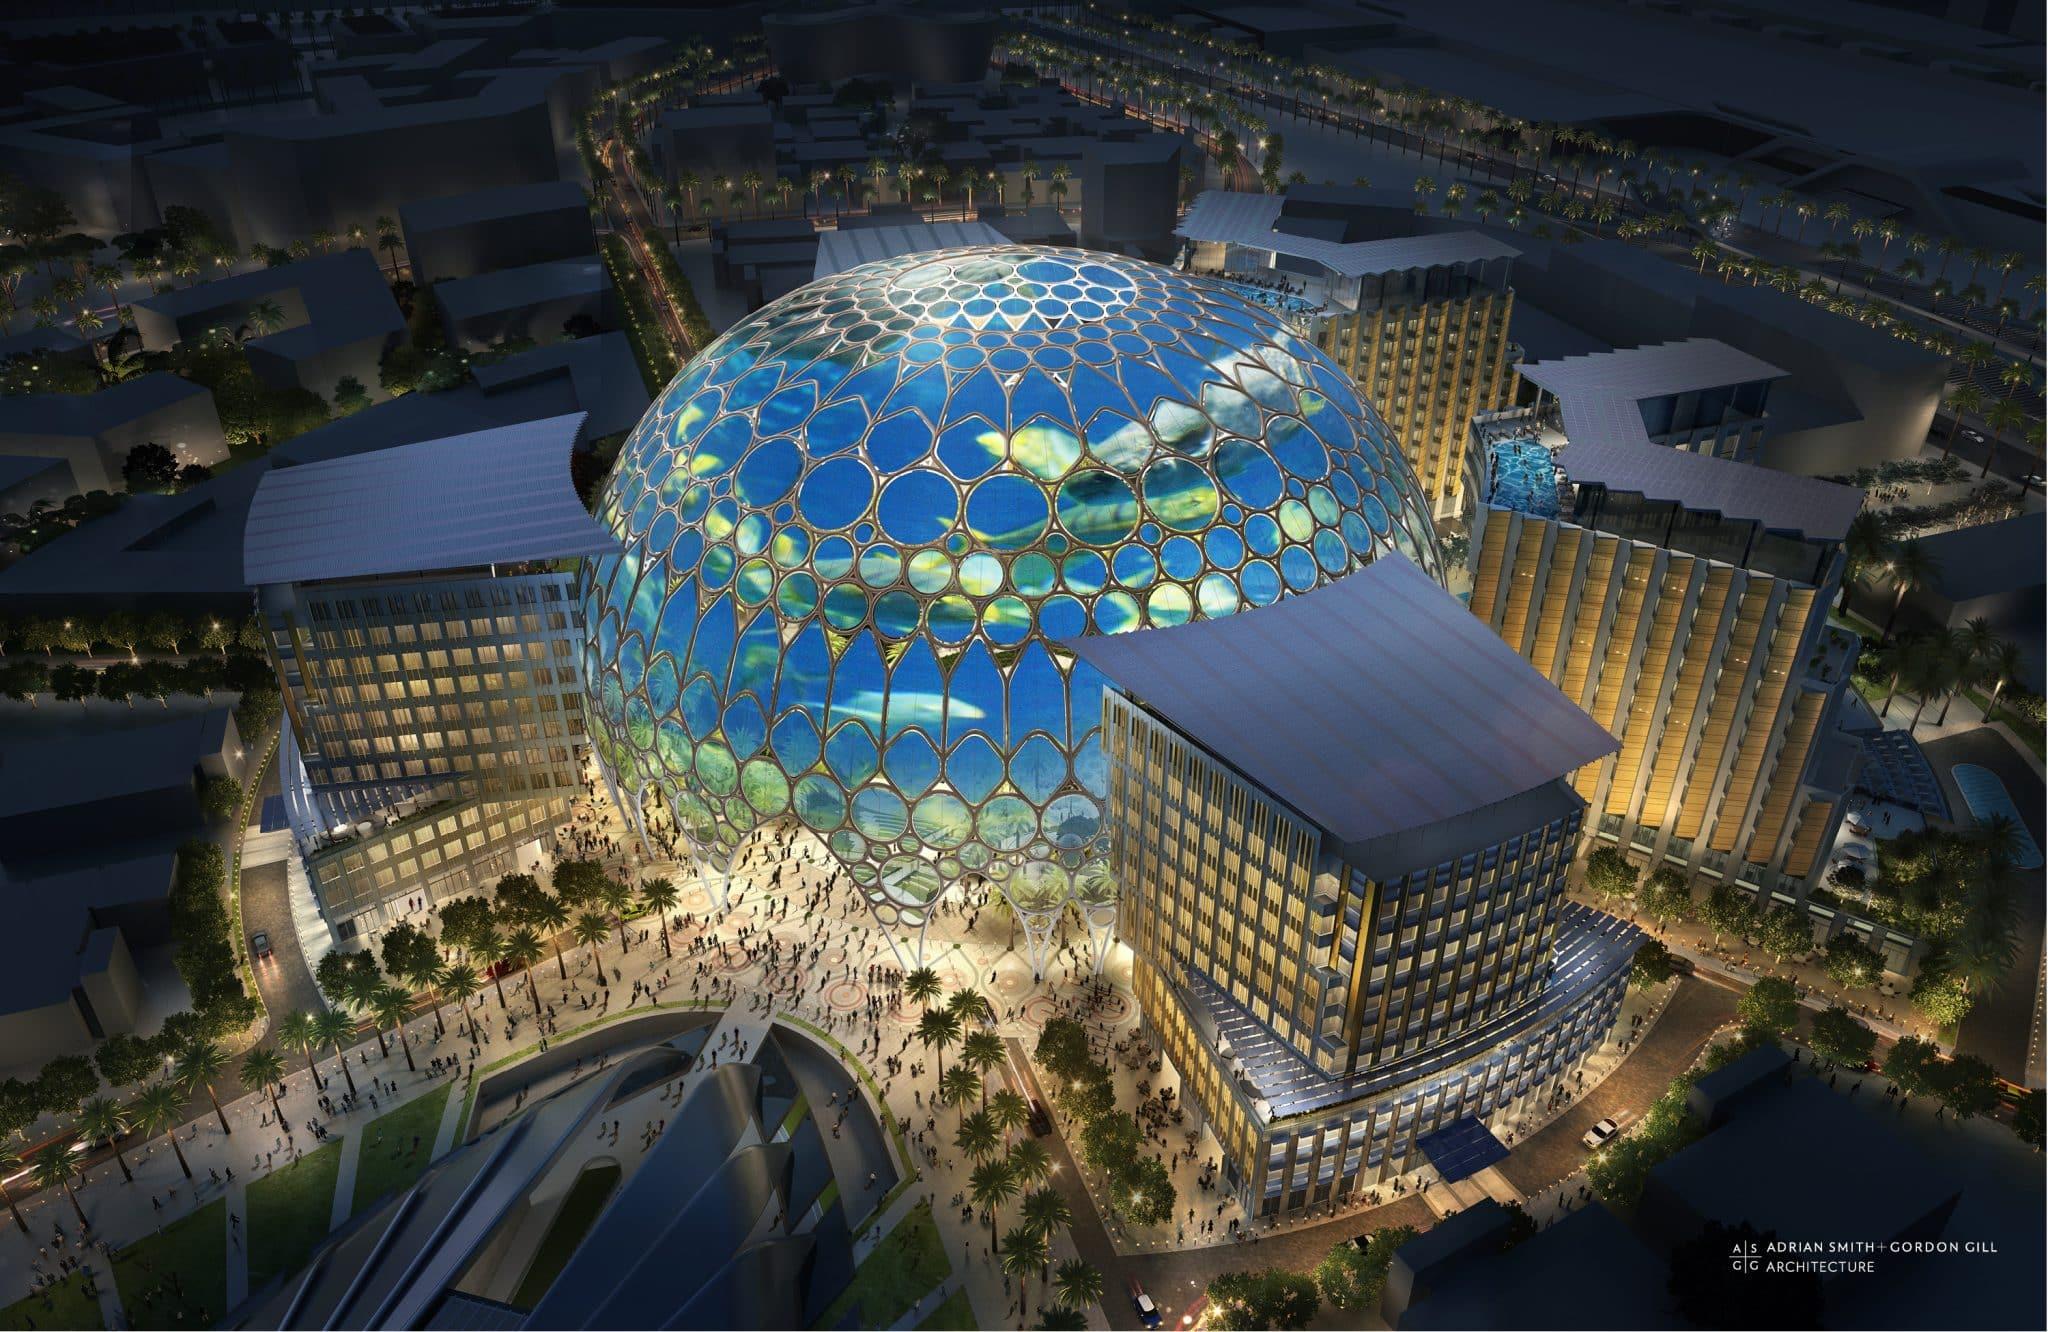 Al Wasl - kupola s najvacsiou sferickou projekciou na svete(noc)